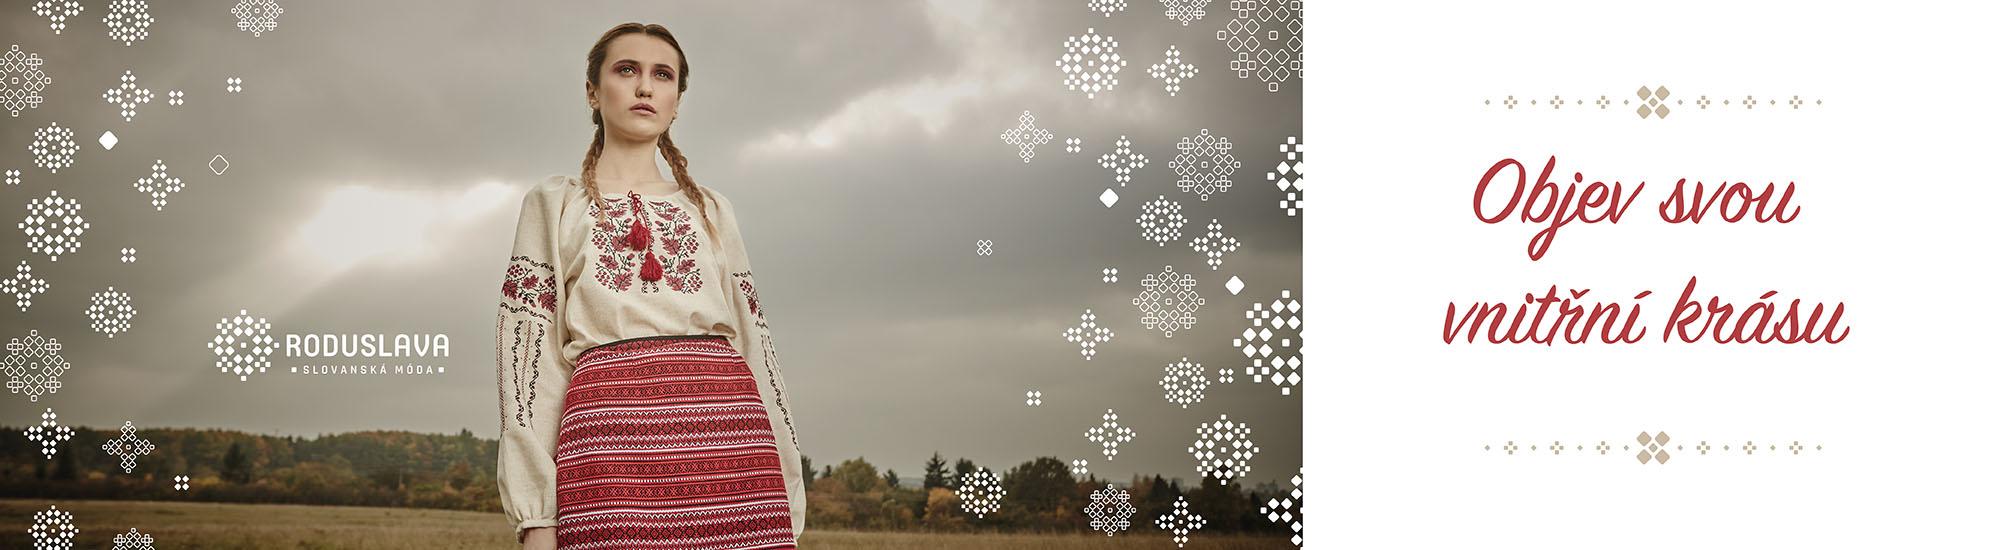 Roduslava_ženská slovanská móda probudí vnitřní krásu